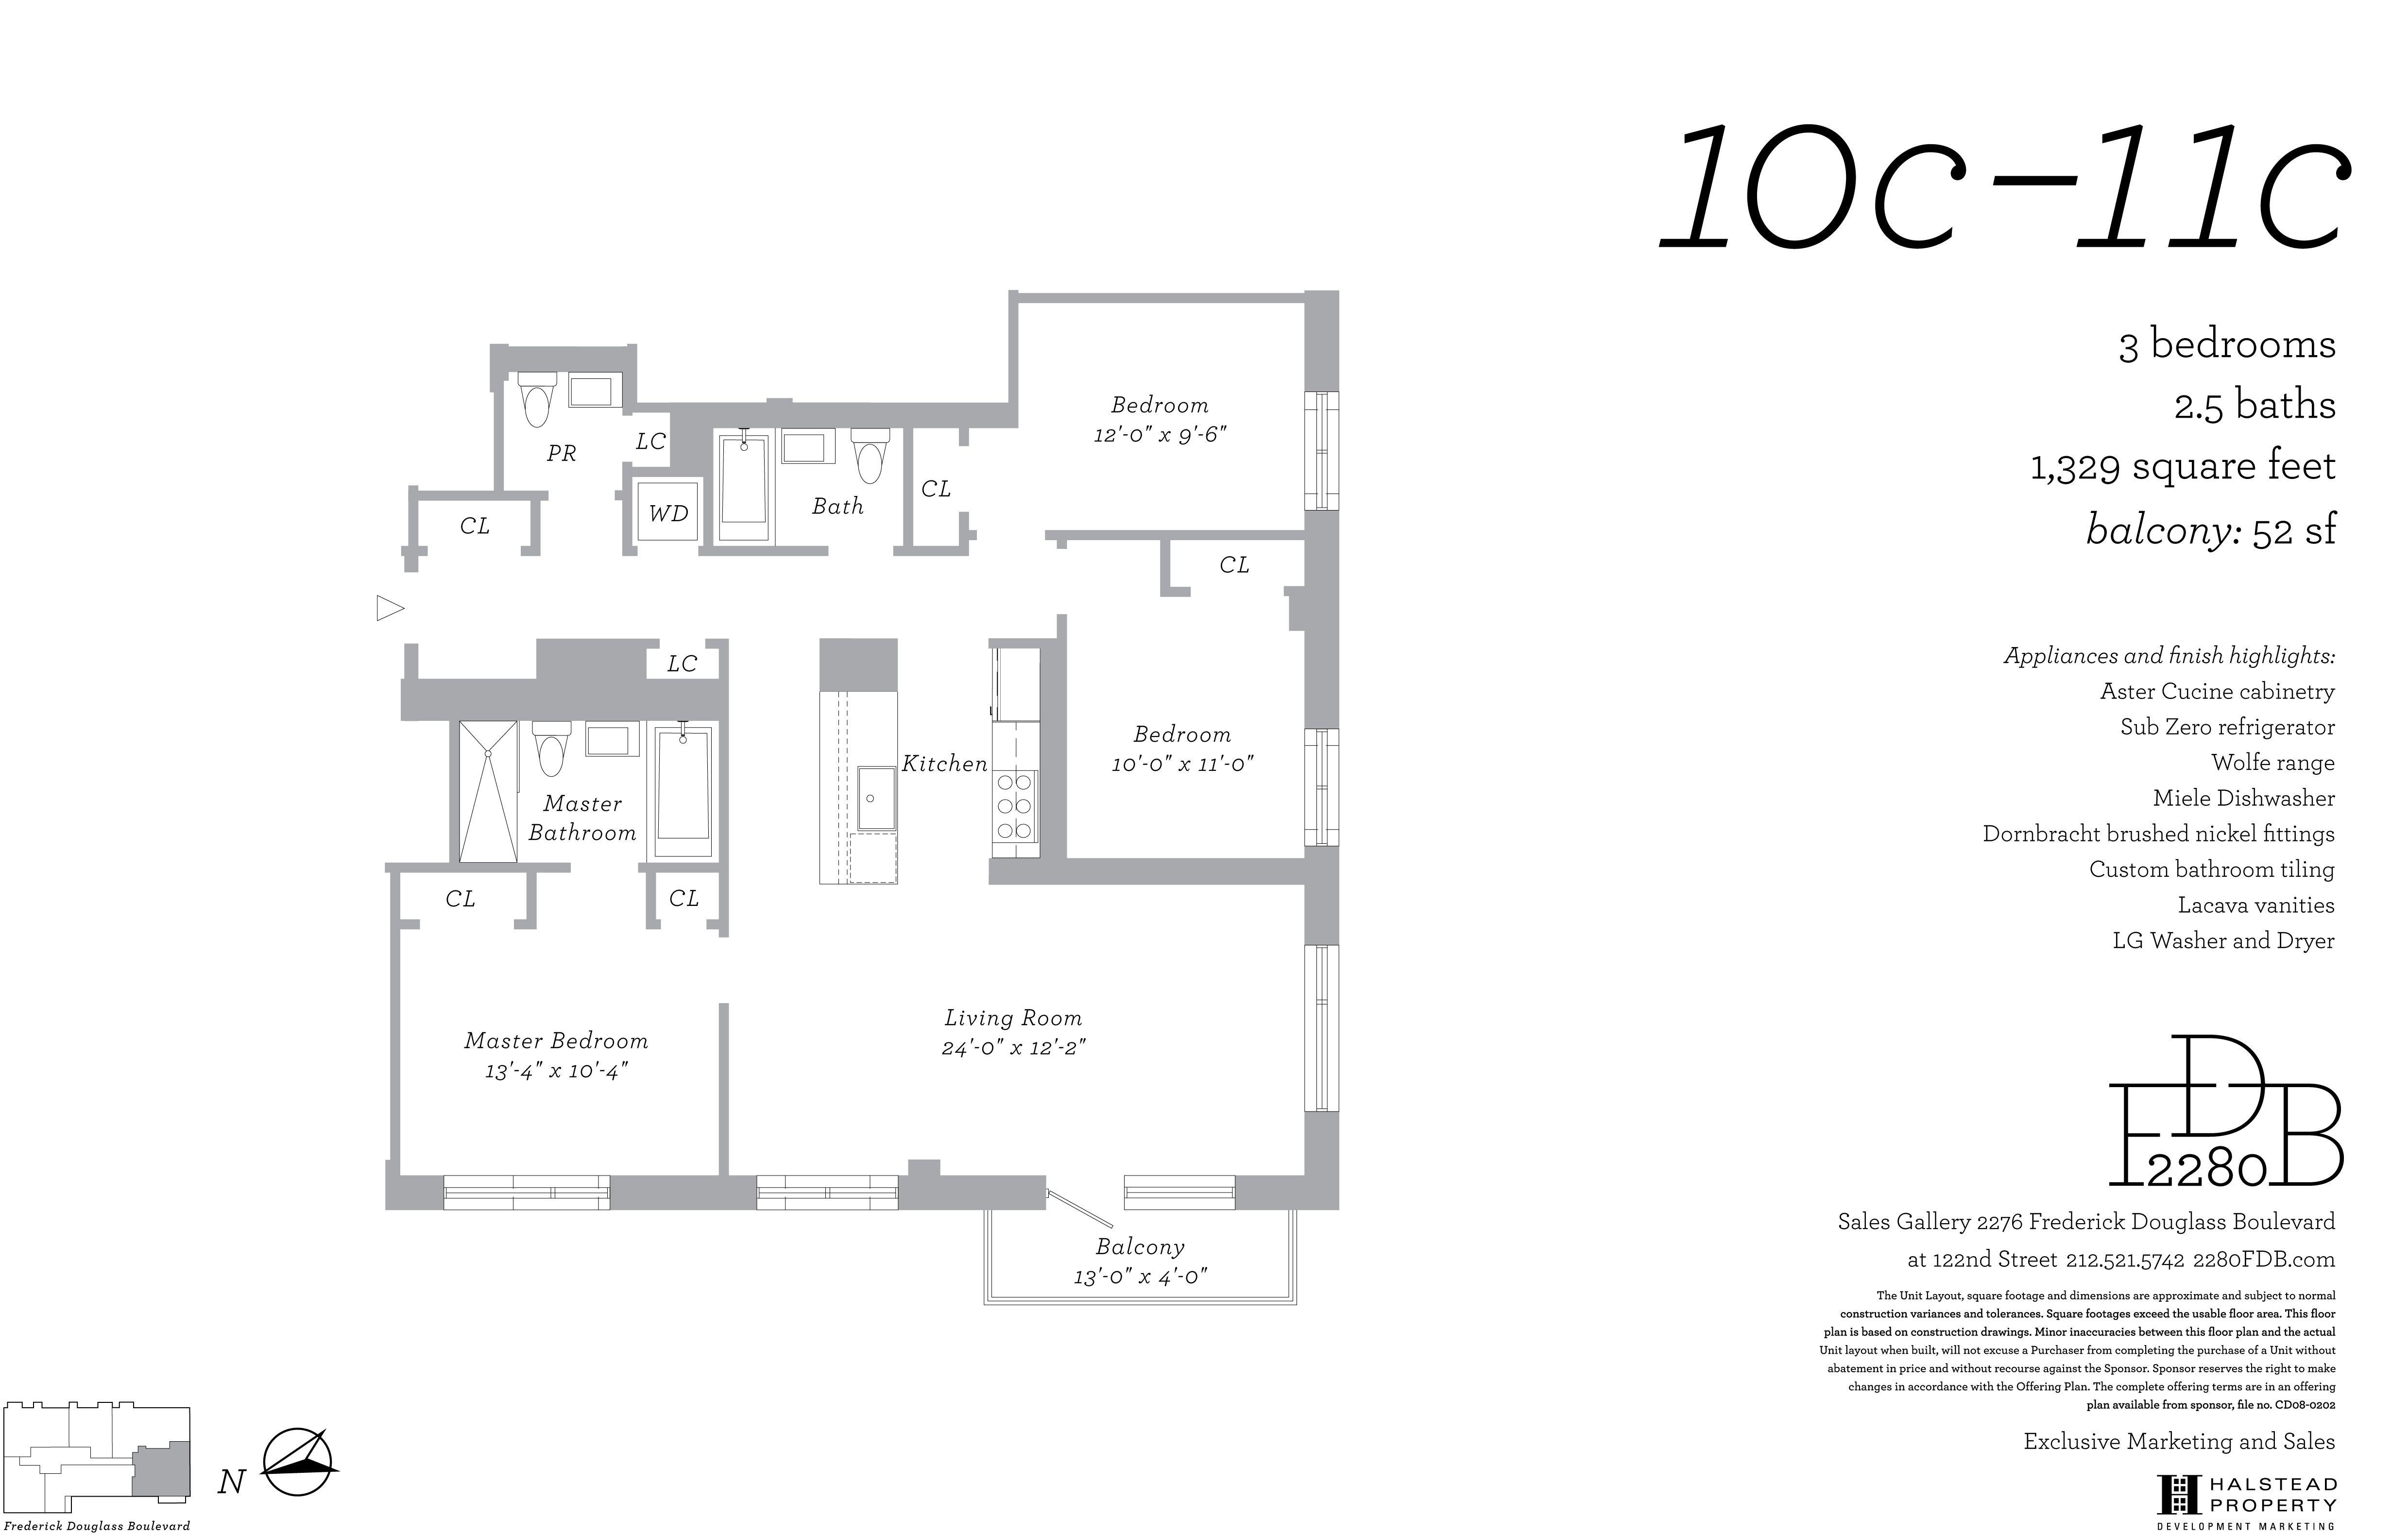 Ff Floorplan Template  Frederick Douglass